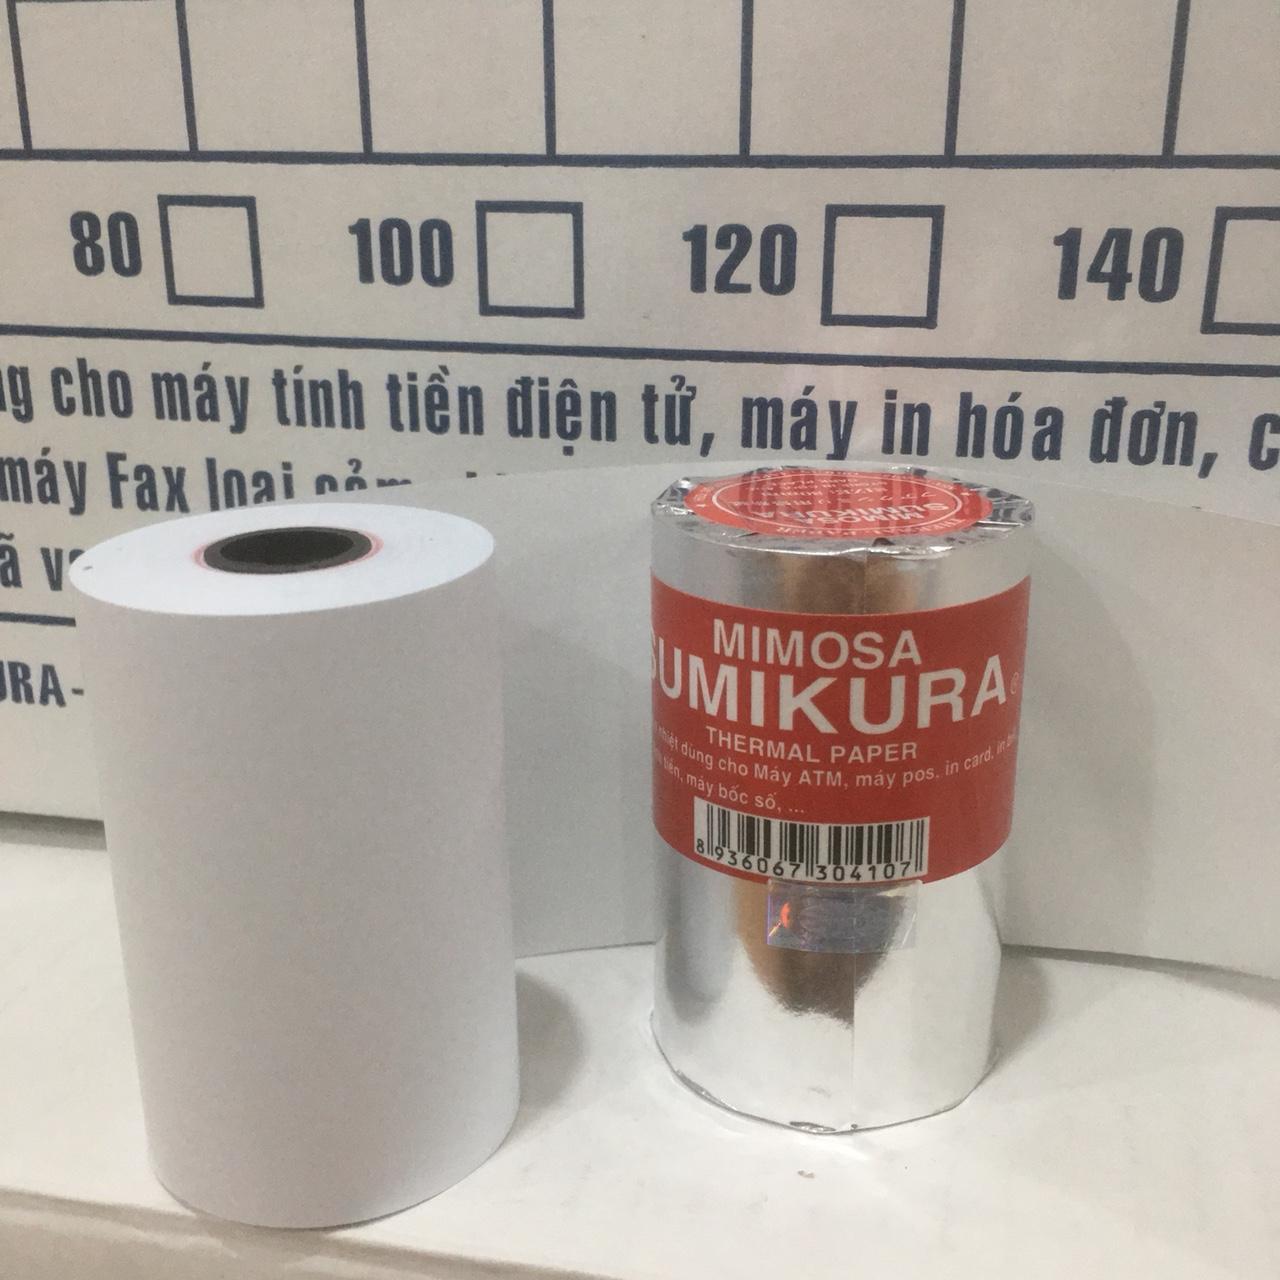 Mua Combo 10 cuộn giấy In Bill Sumikura khô 80 Φ 45. Thương hiệu Việt Nam chất lượng cao. Hàng bao đổi trả